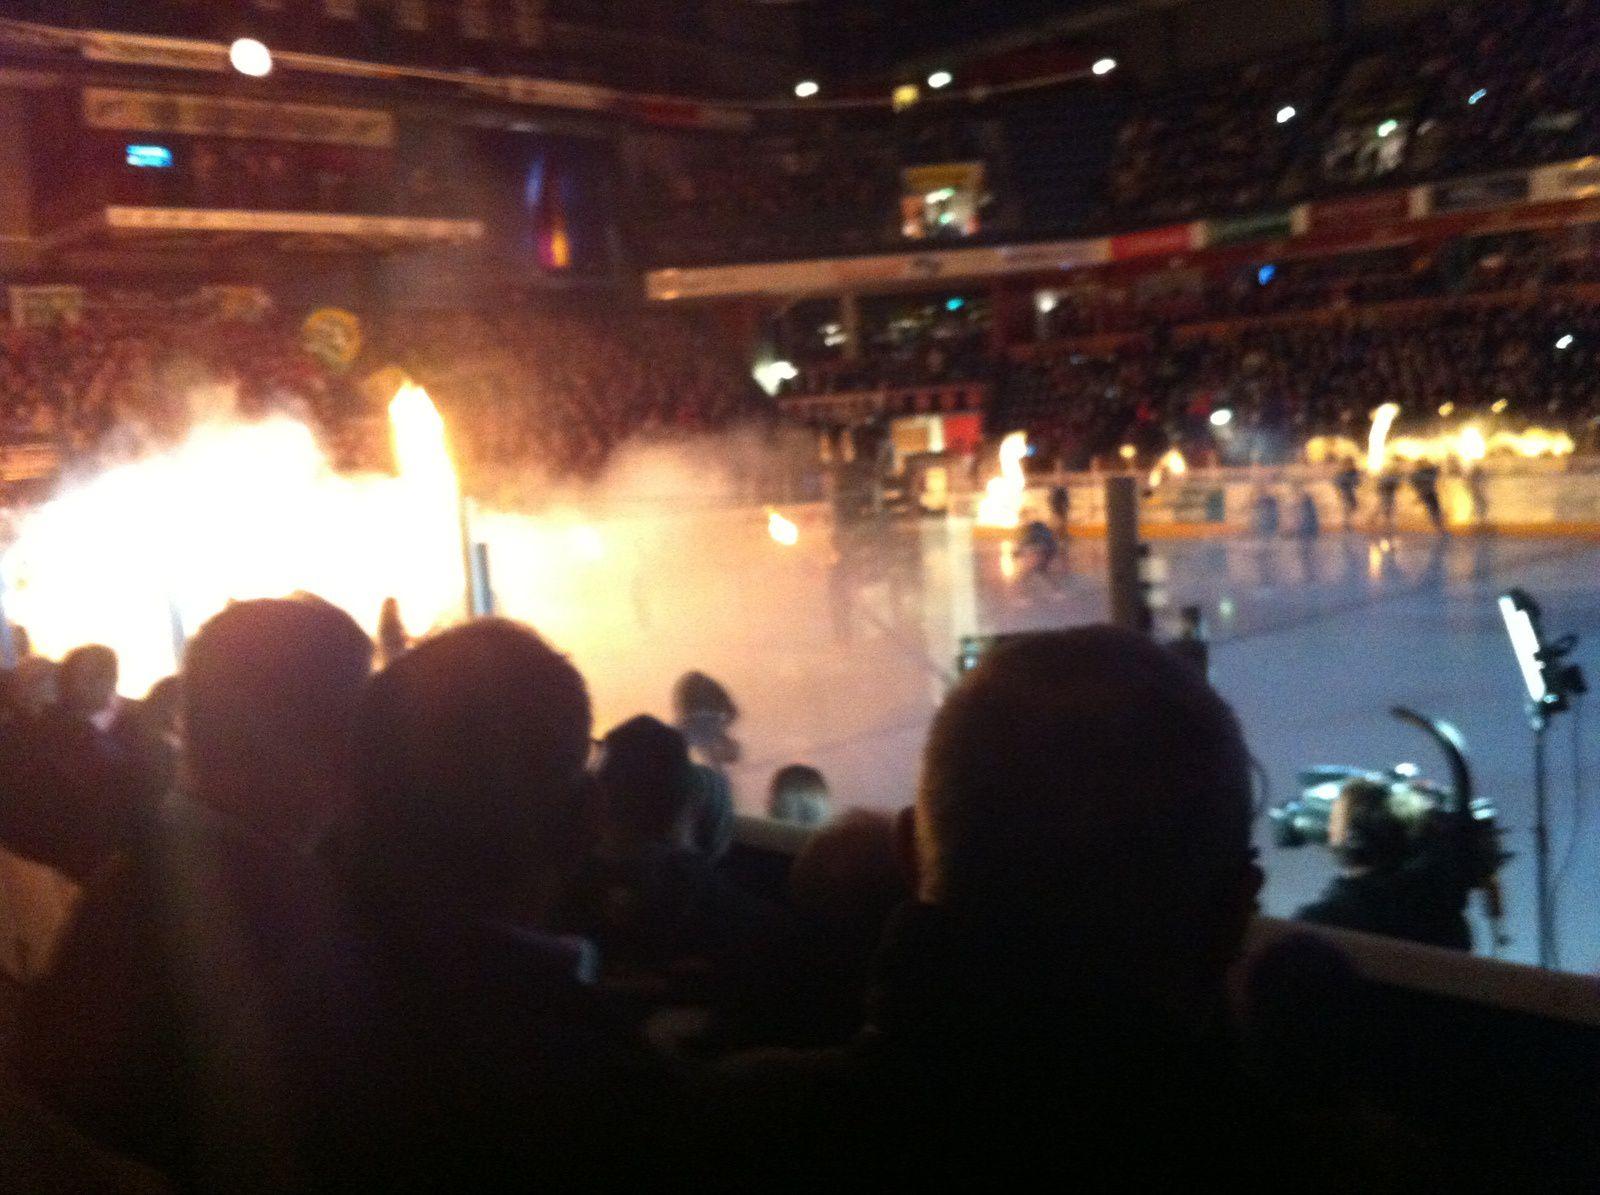 L'équipe de Karlstad arrive sur la glace